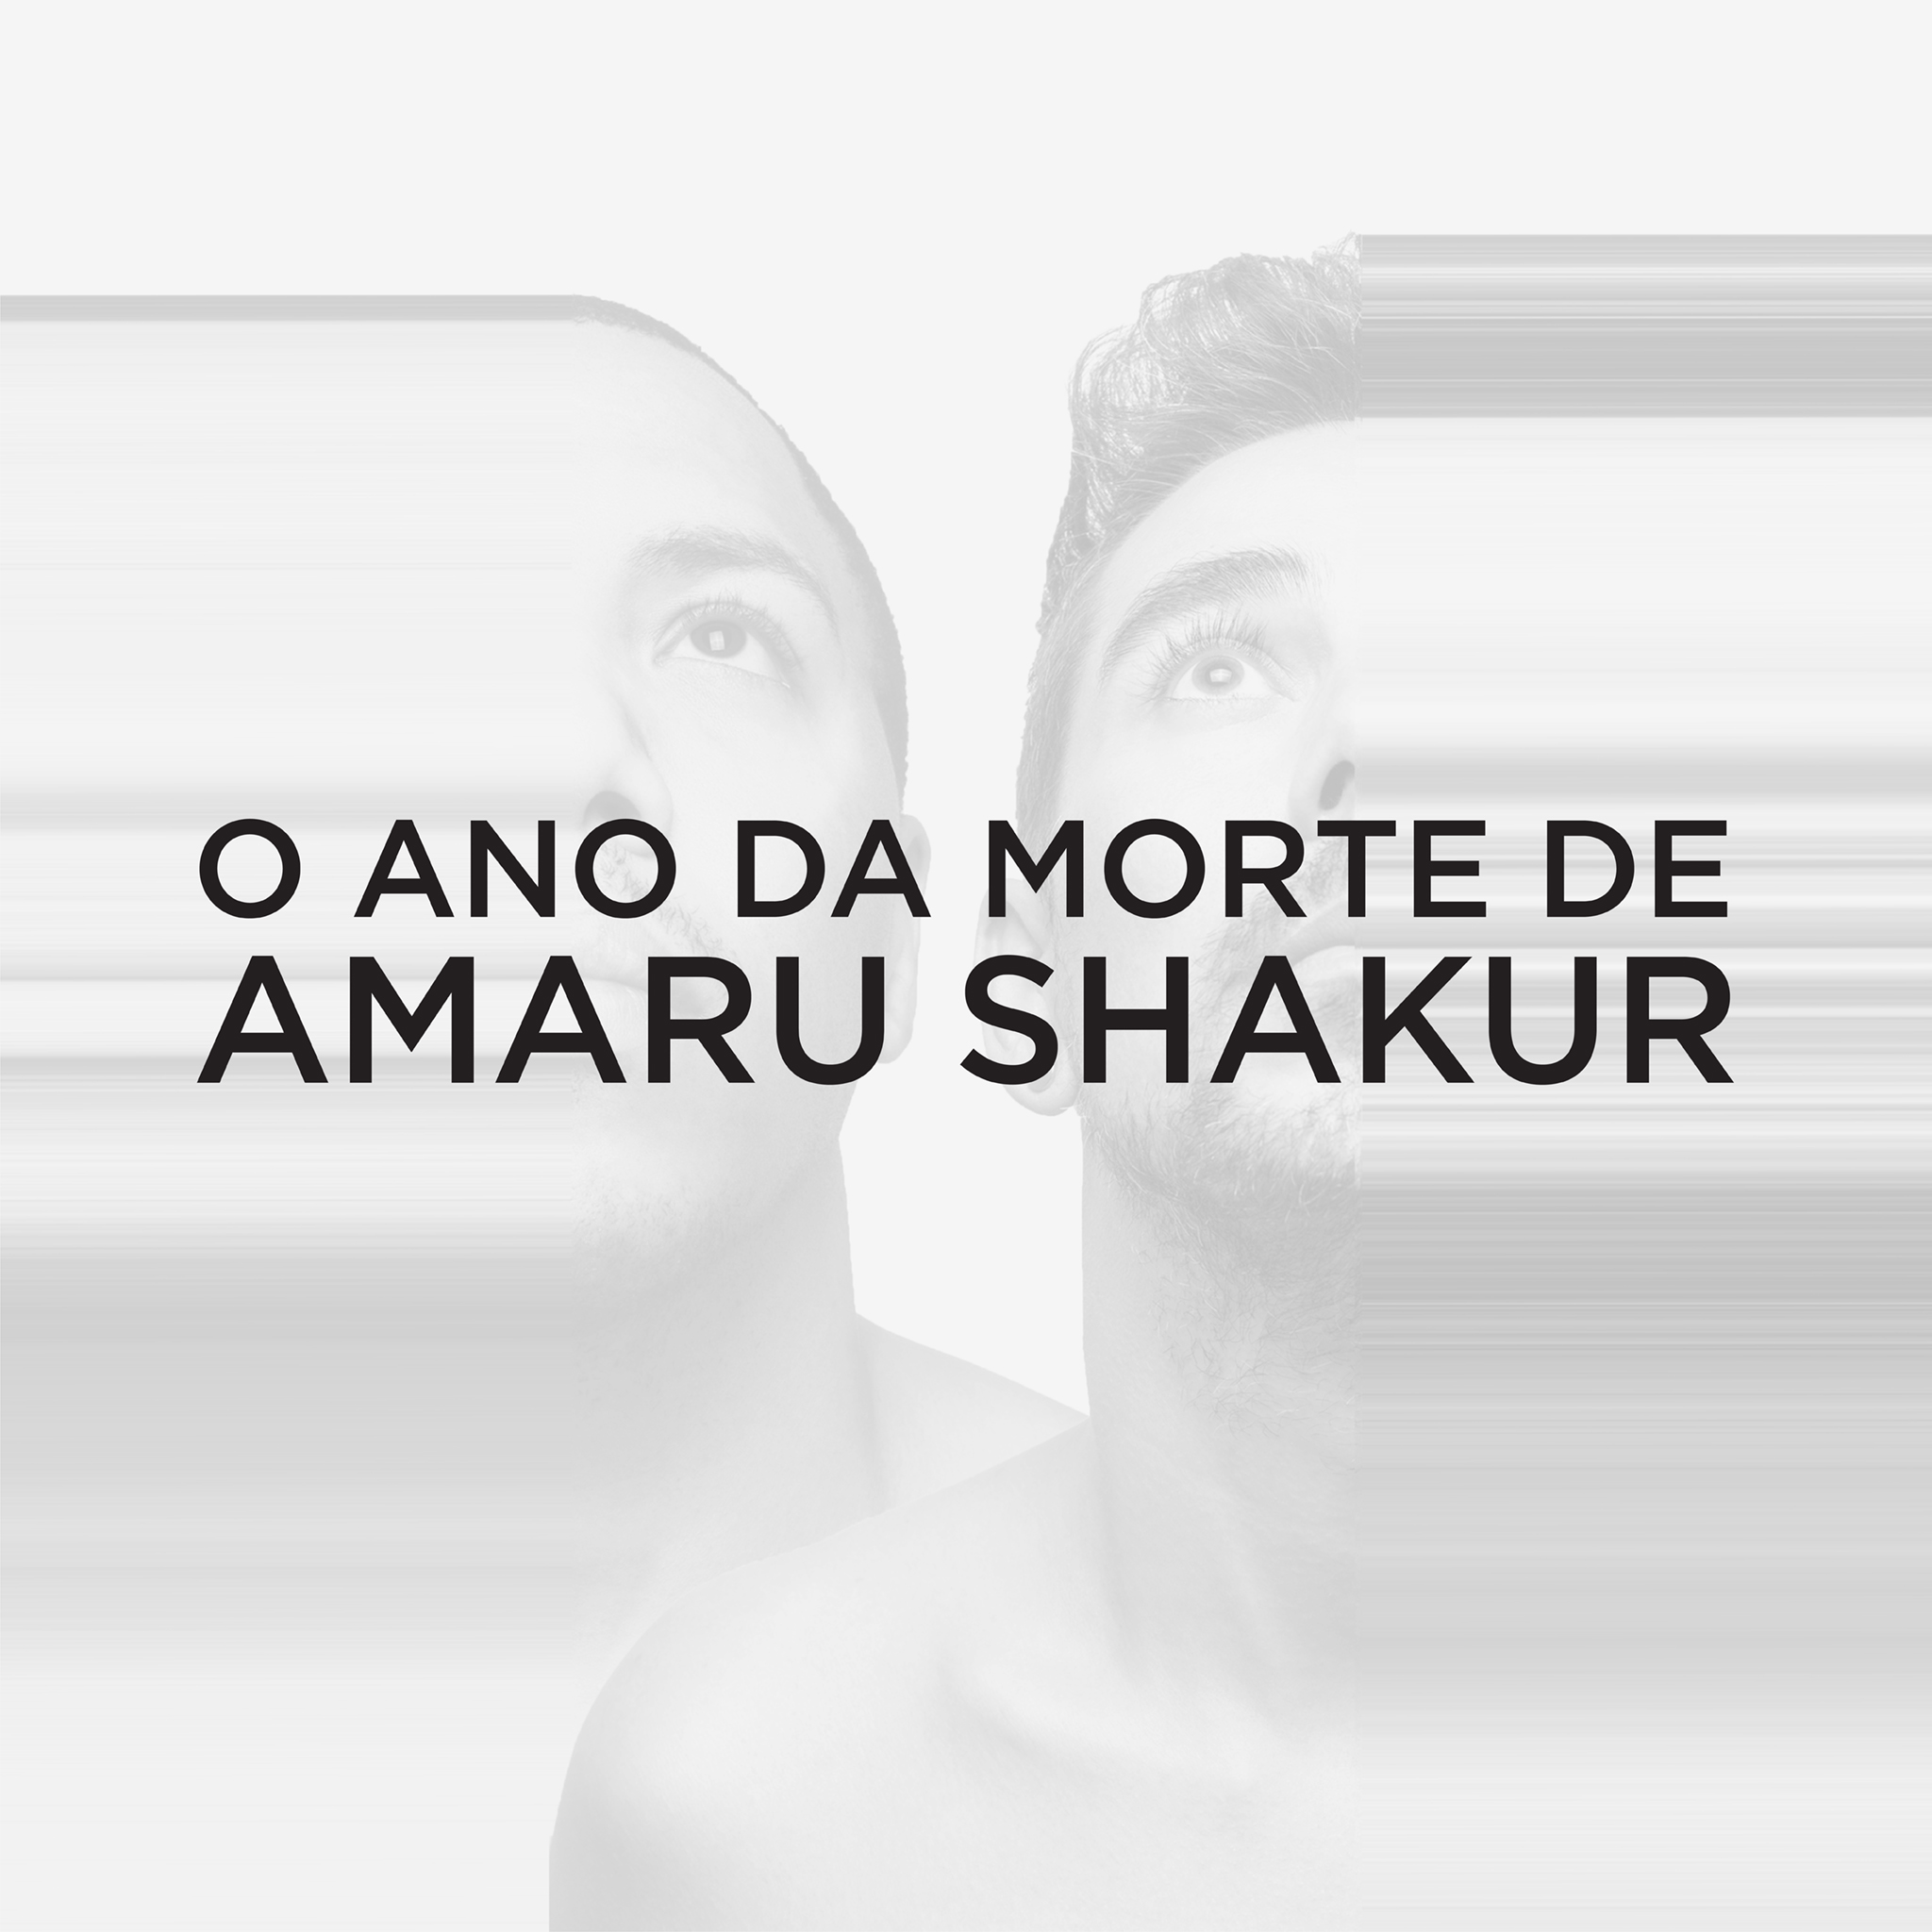 O Ano da Morte de Amaru Shakur